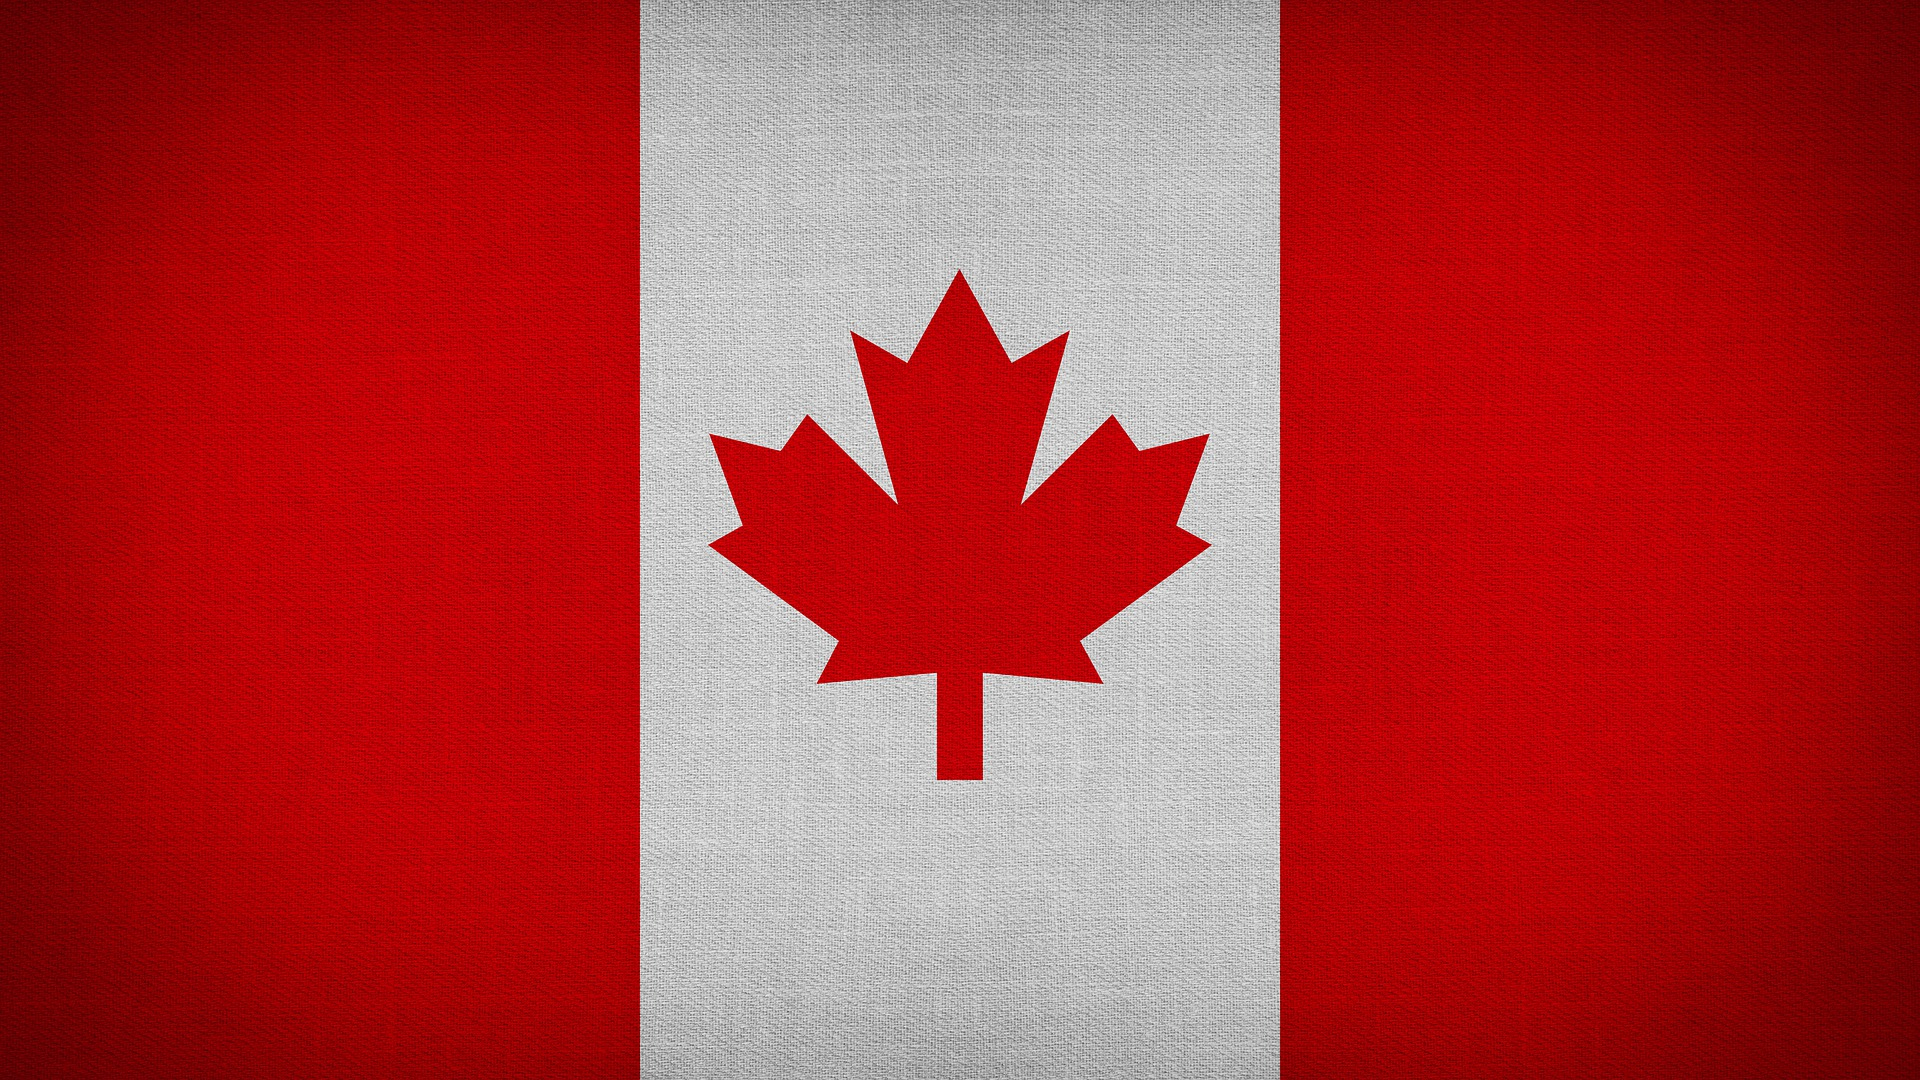 DALL'AUTORITA' PER LA PROTEZIONE DEI DATI DEL CANADA: Il Commissario Presenta Proposte Sulla Regolamentazione Dell'intelligenza Artificiale